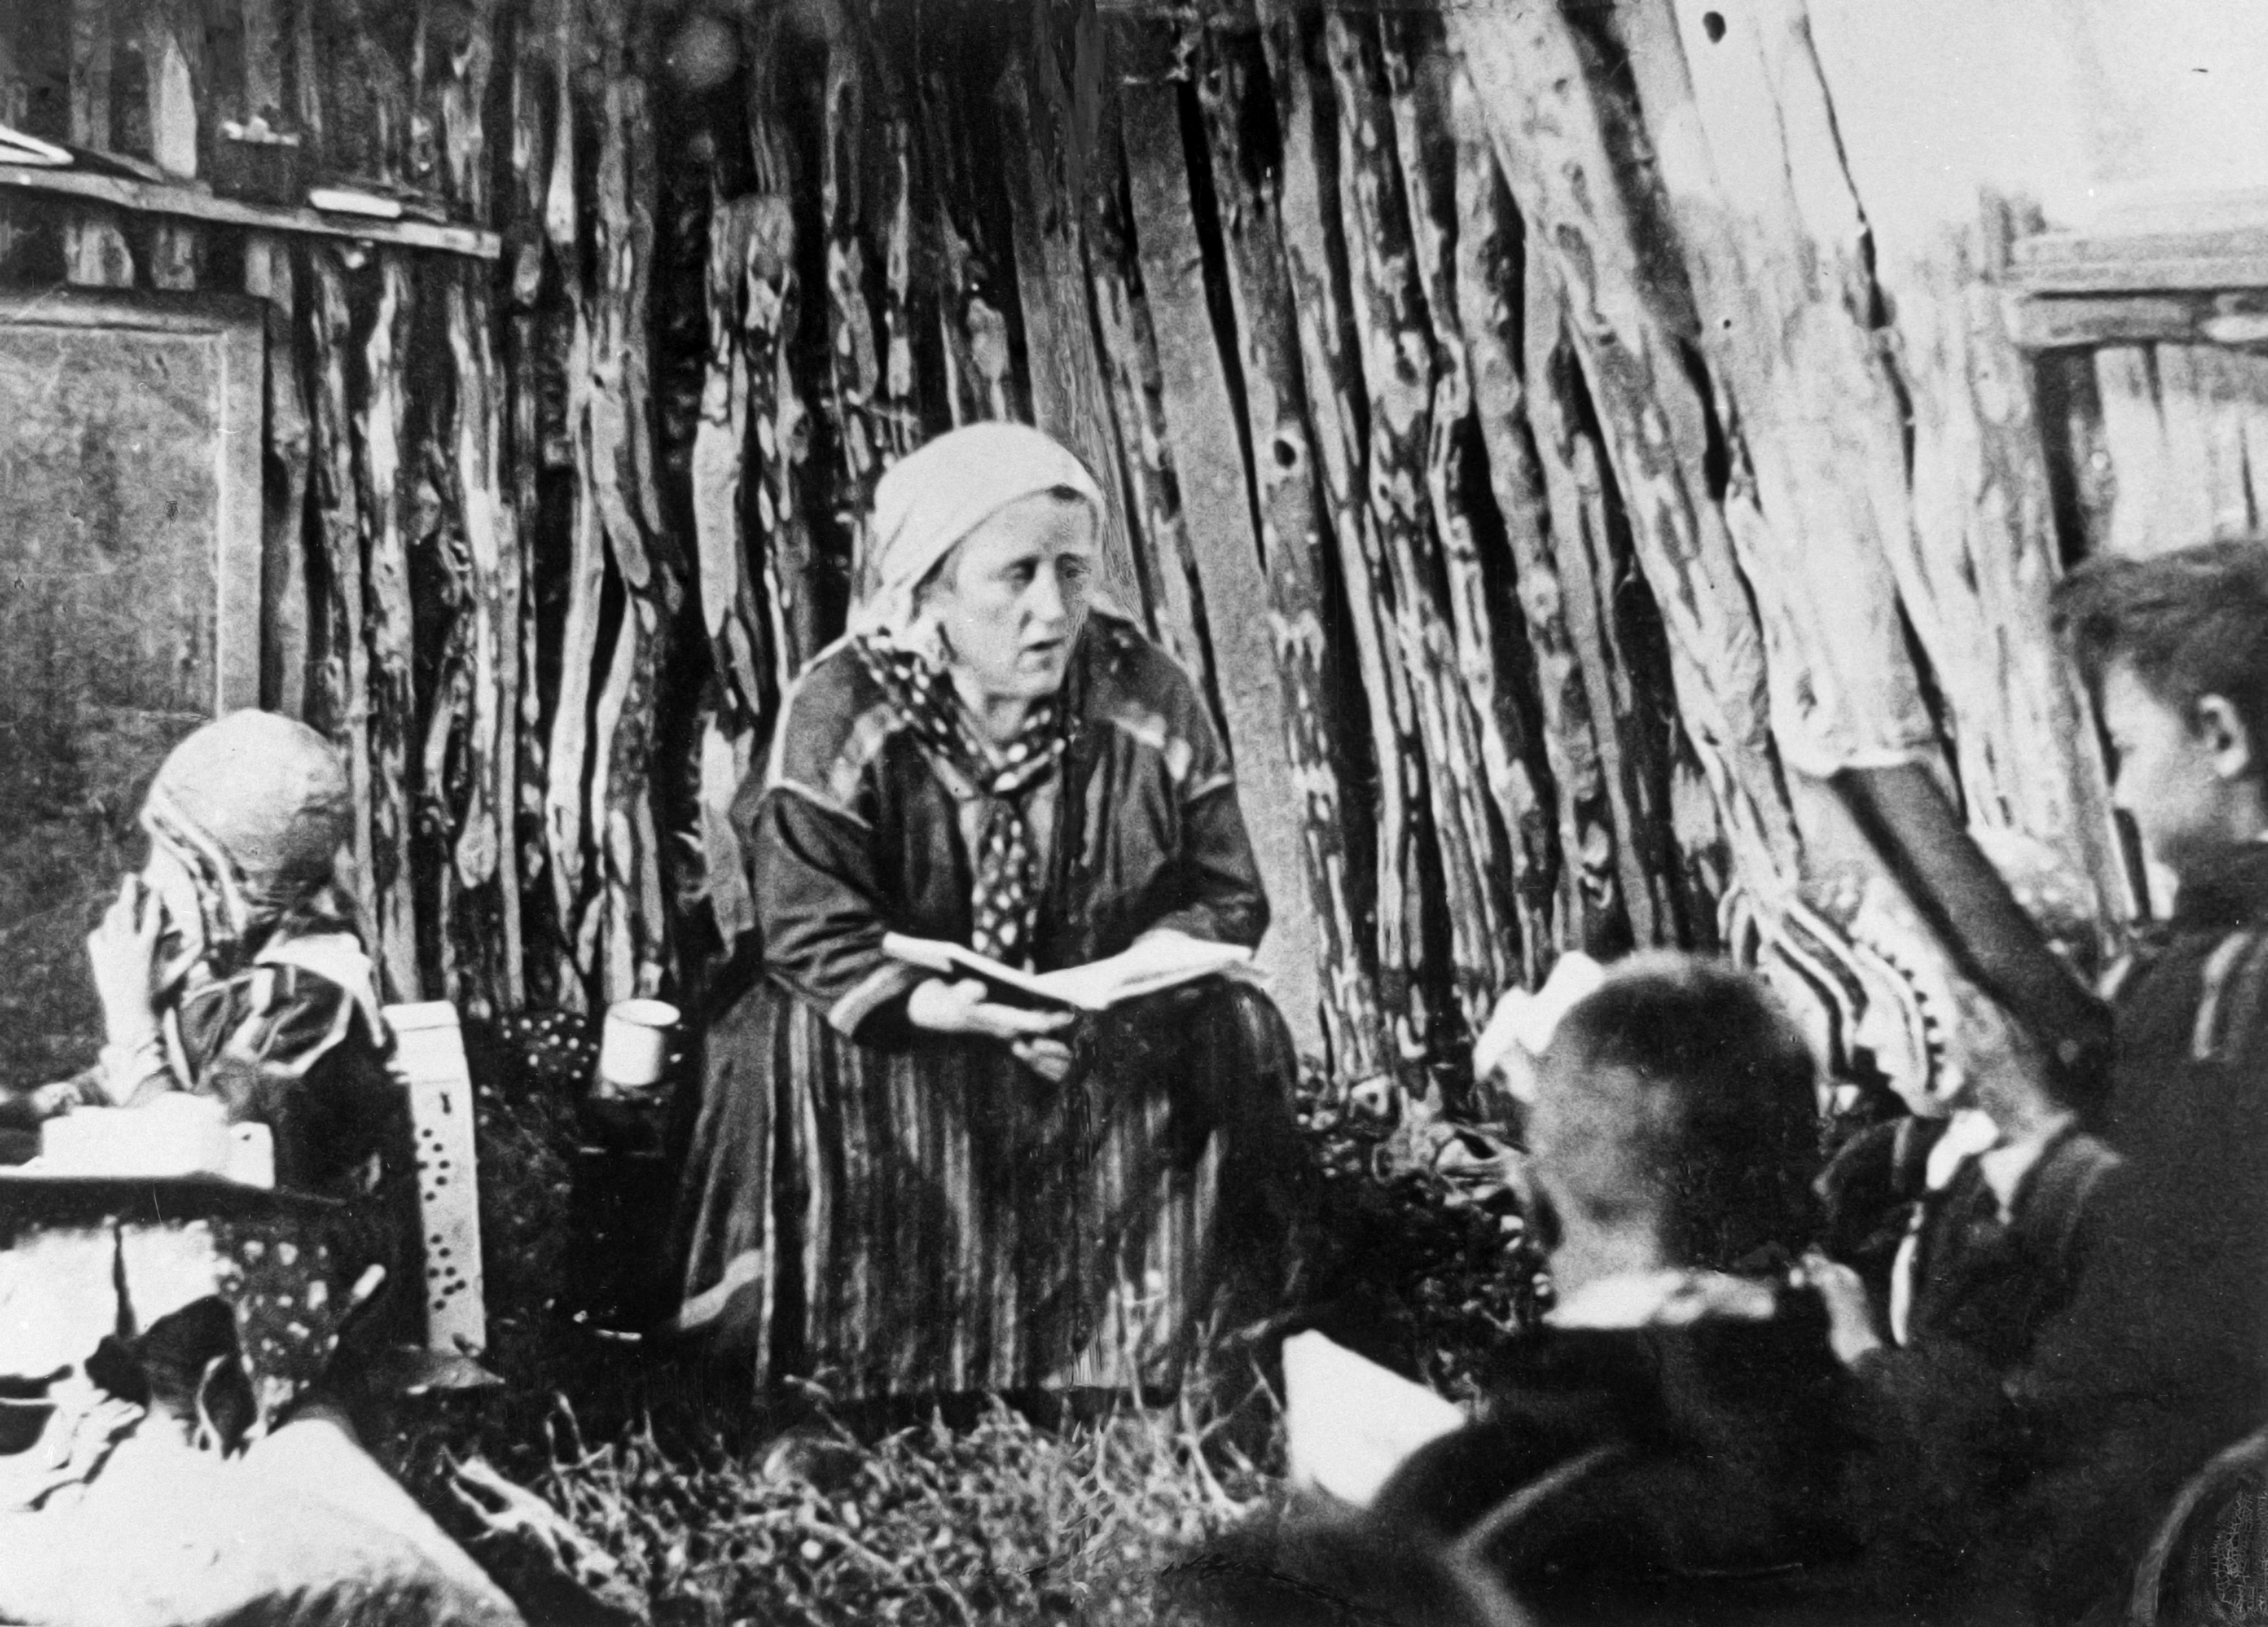 Teres Torgrim håller lektion i skolkåtan i Maajärvi, Jukkasjärvi socken. Fotograf och år okänt (Norrbottens museums bildarkiv)